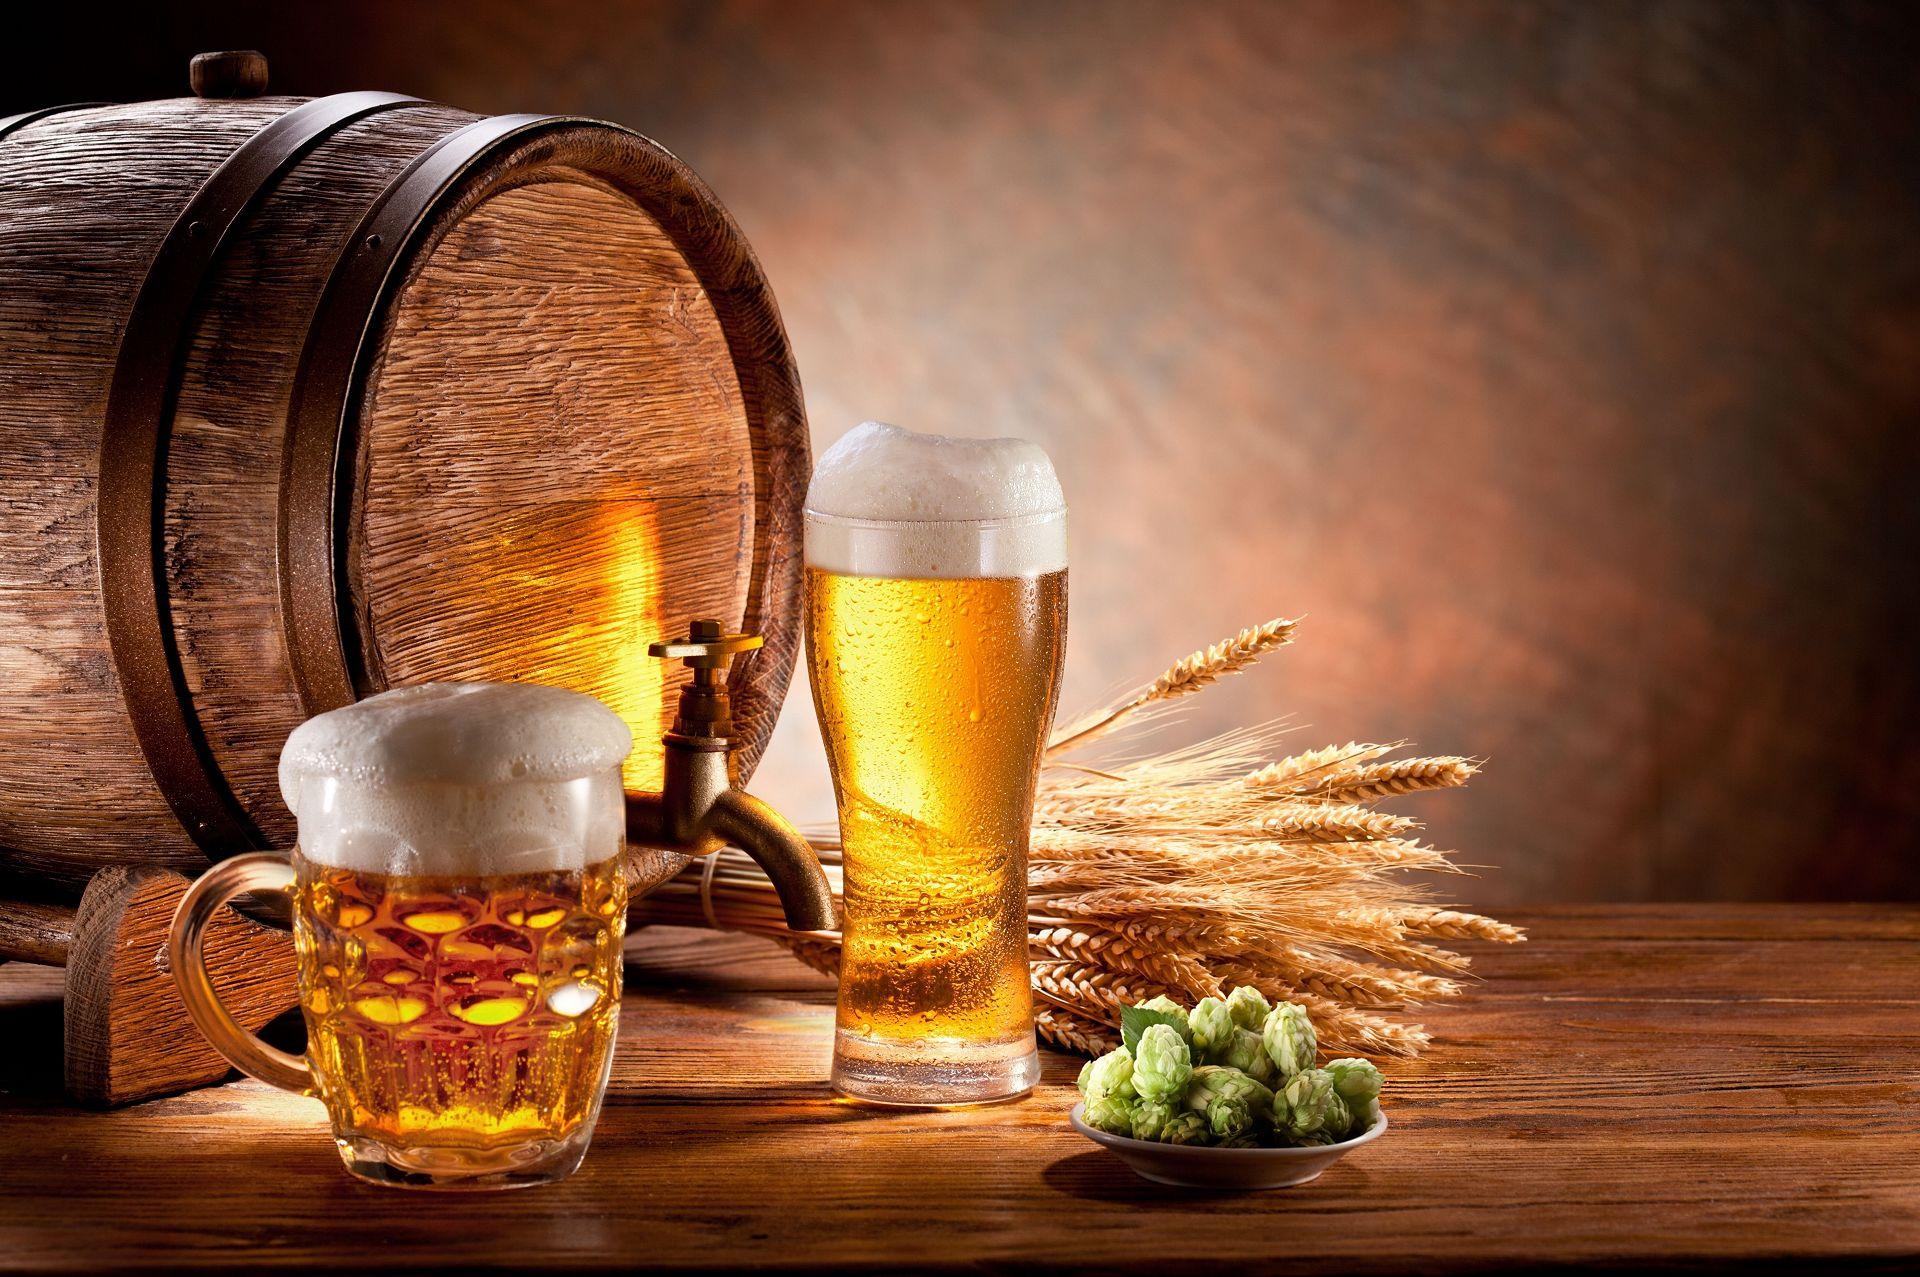 puoi avere uninfezione da lievito bevendo birra?